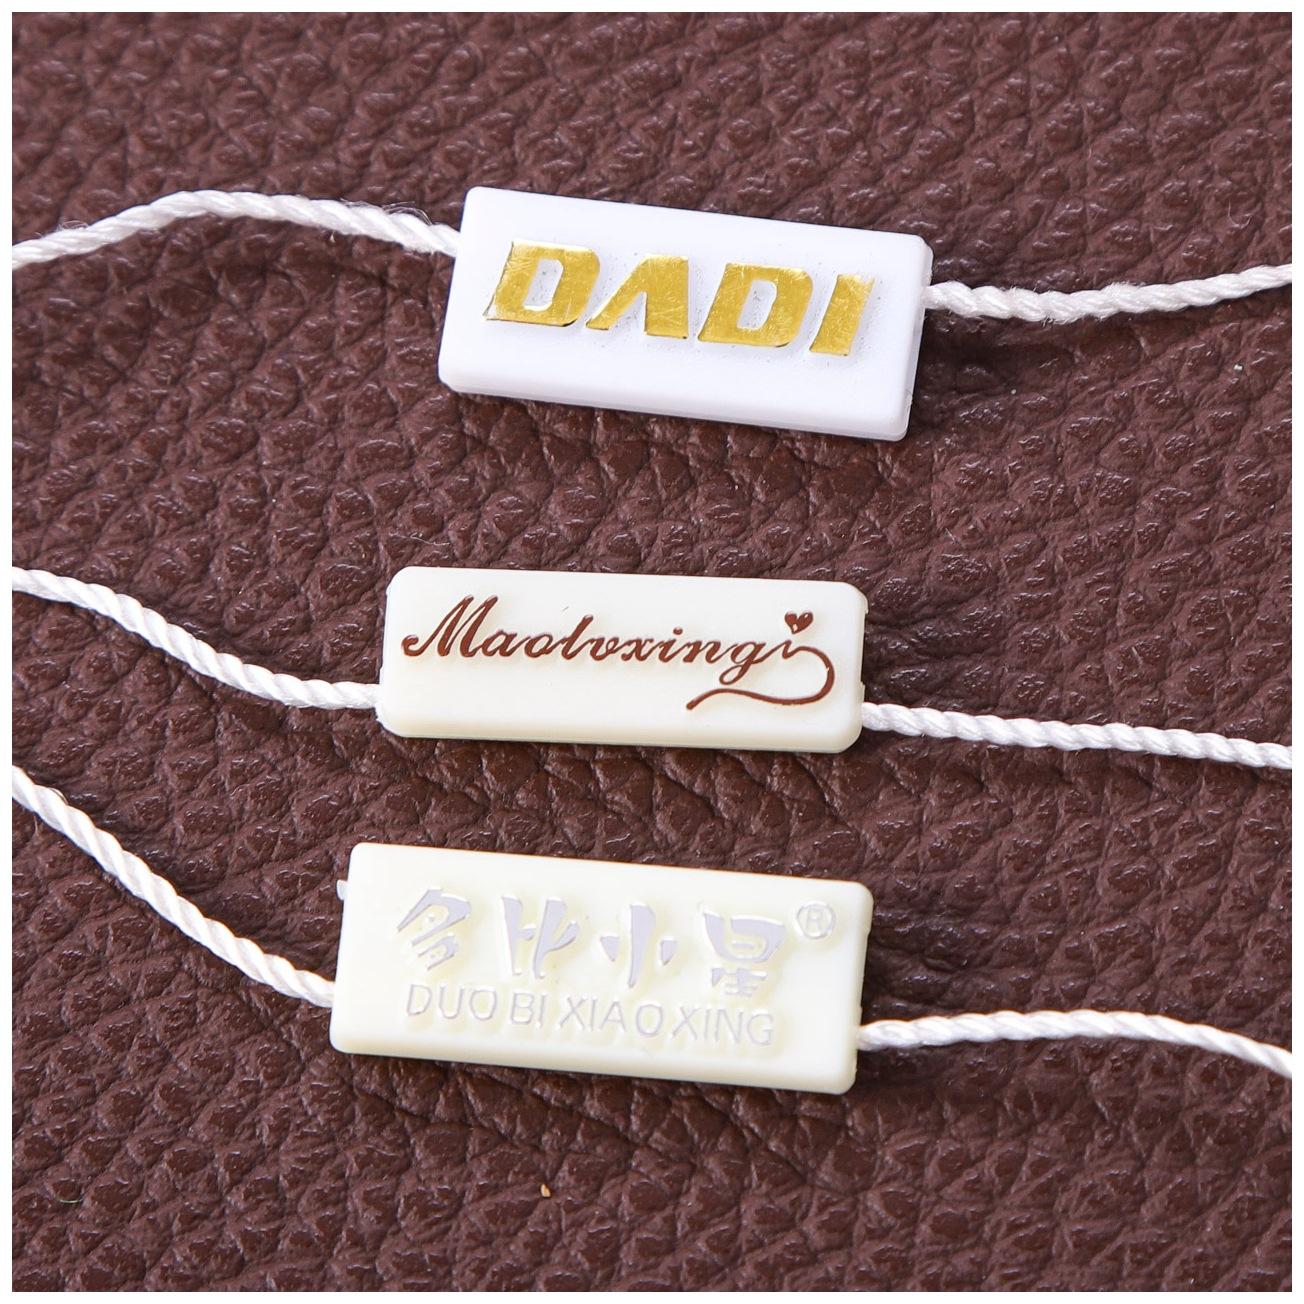 WEIZUO Chuỗi tag , Tag logo Tinh tế quần áo trực tiếp treo hạt treo dây hành lý phổ dây ô dù dây màu